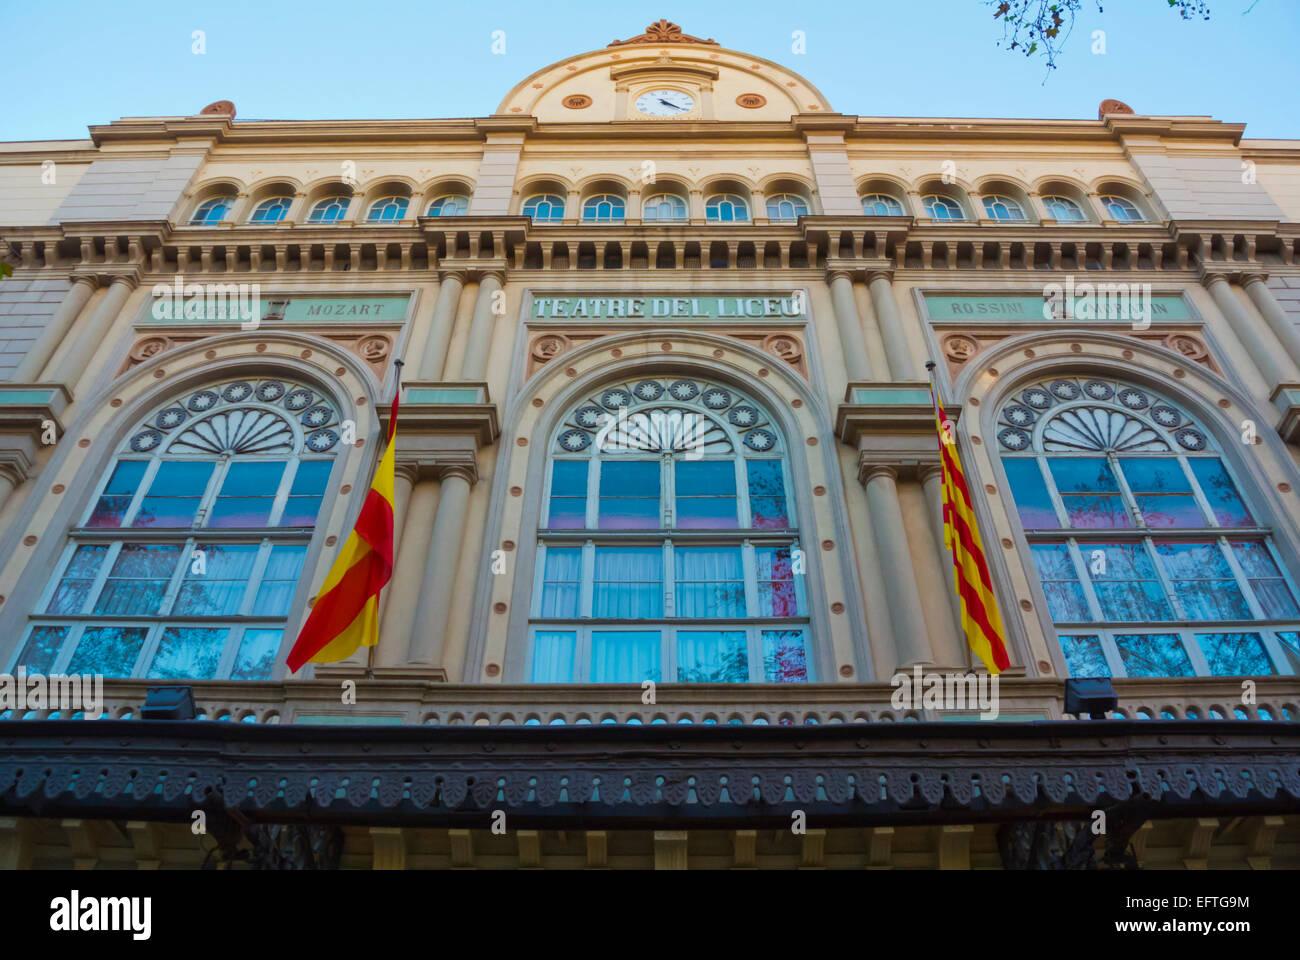 Teatre del Liceu, Ramblas, El Raval, Barcelona, Spain - Stock Image